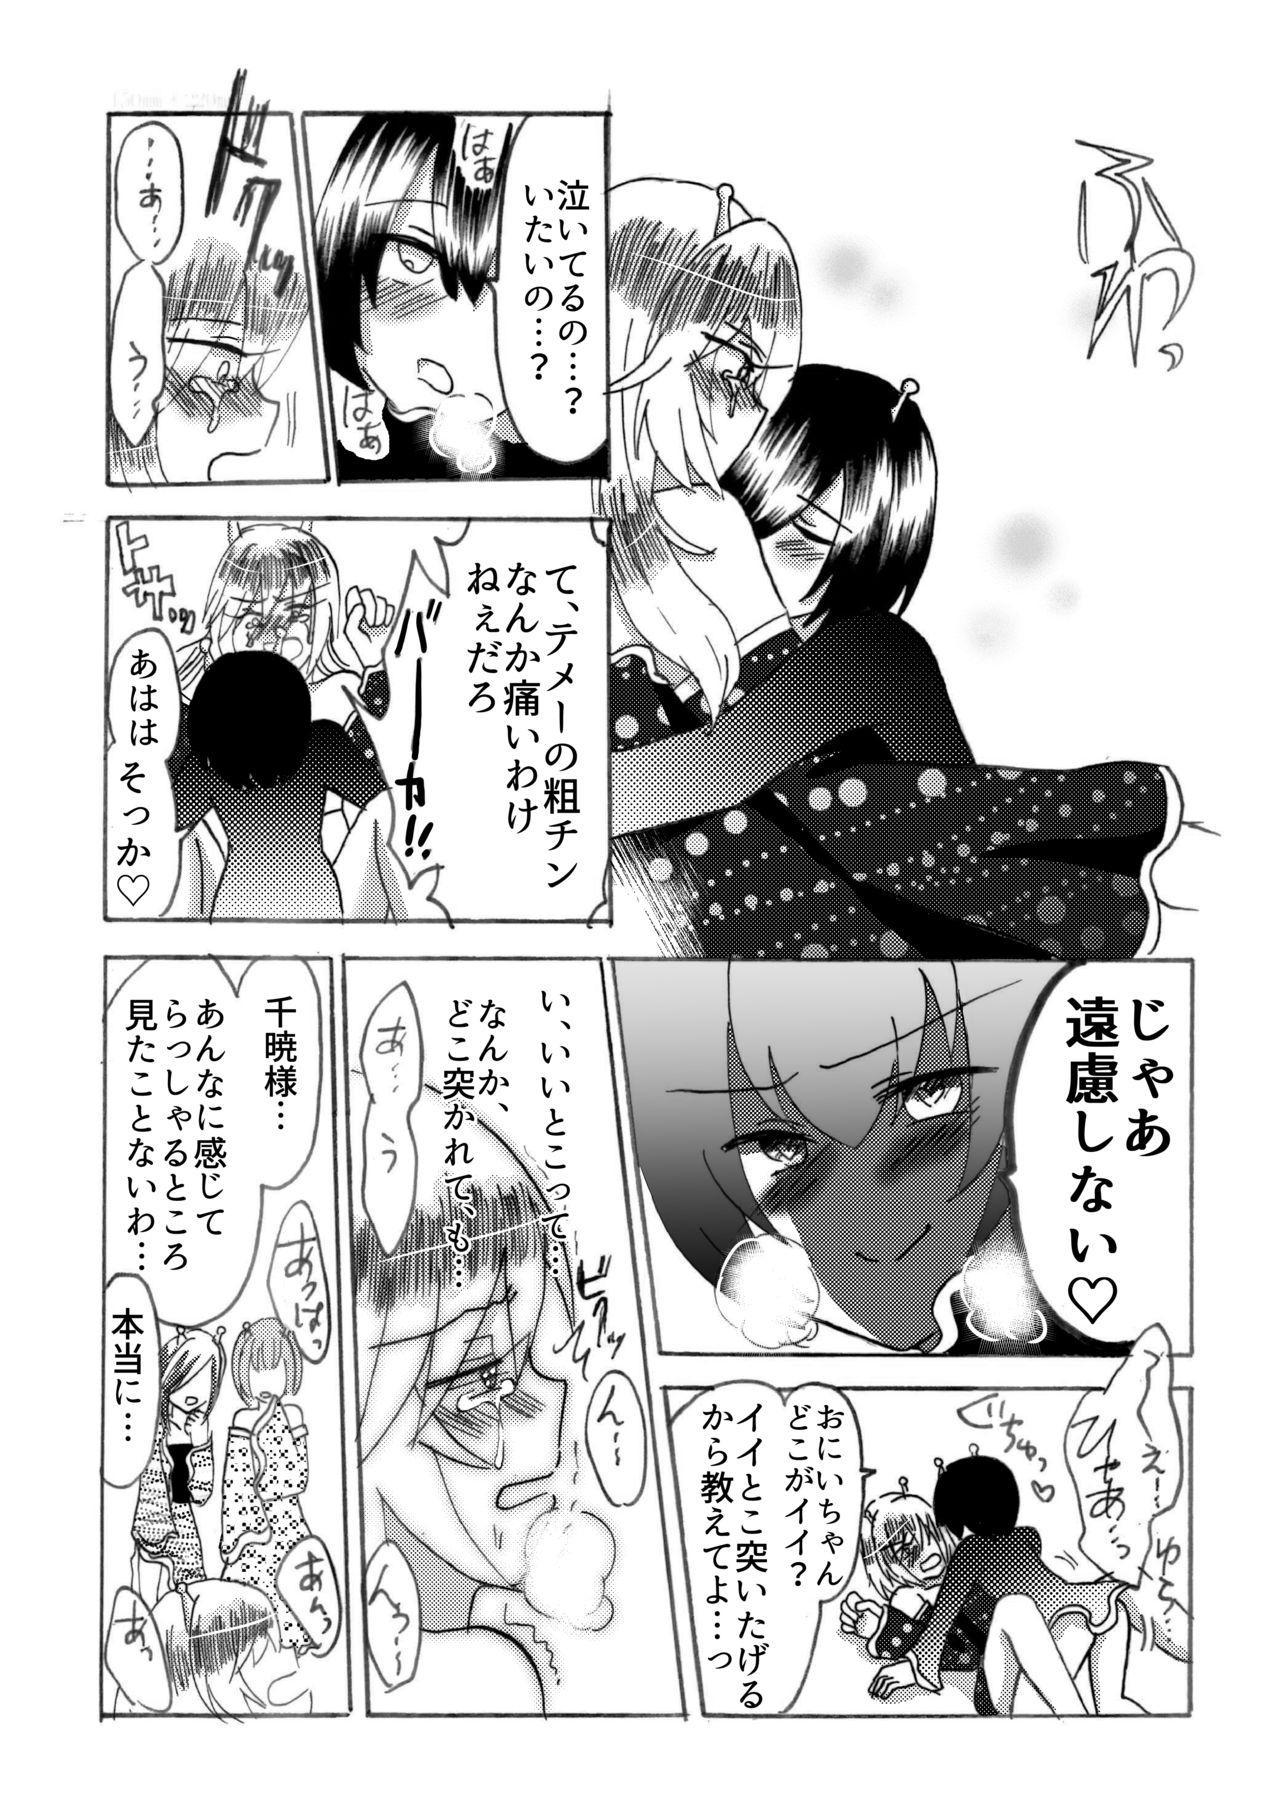 Hira-zoku no Hanashi 21